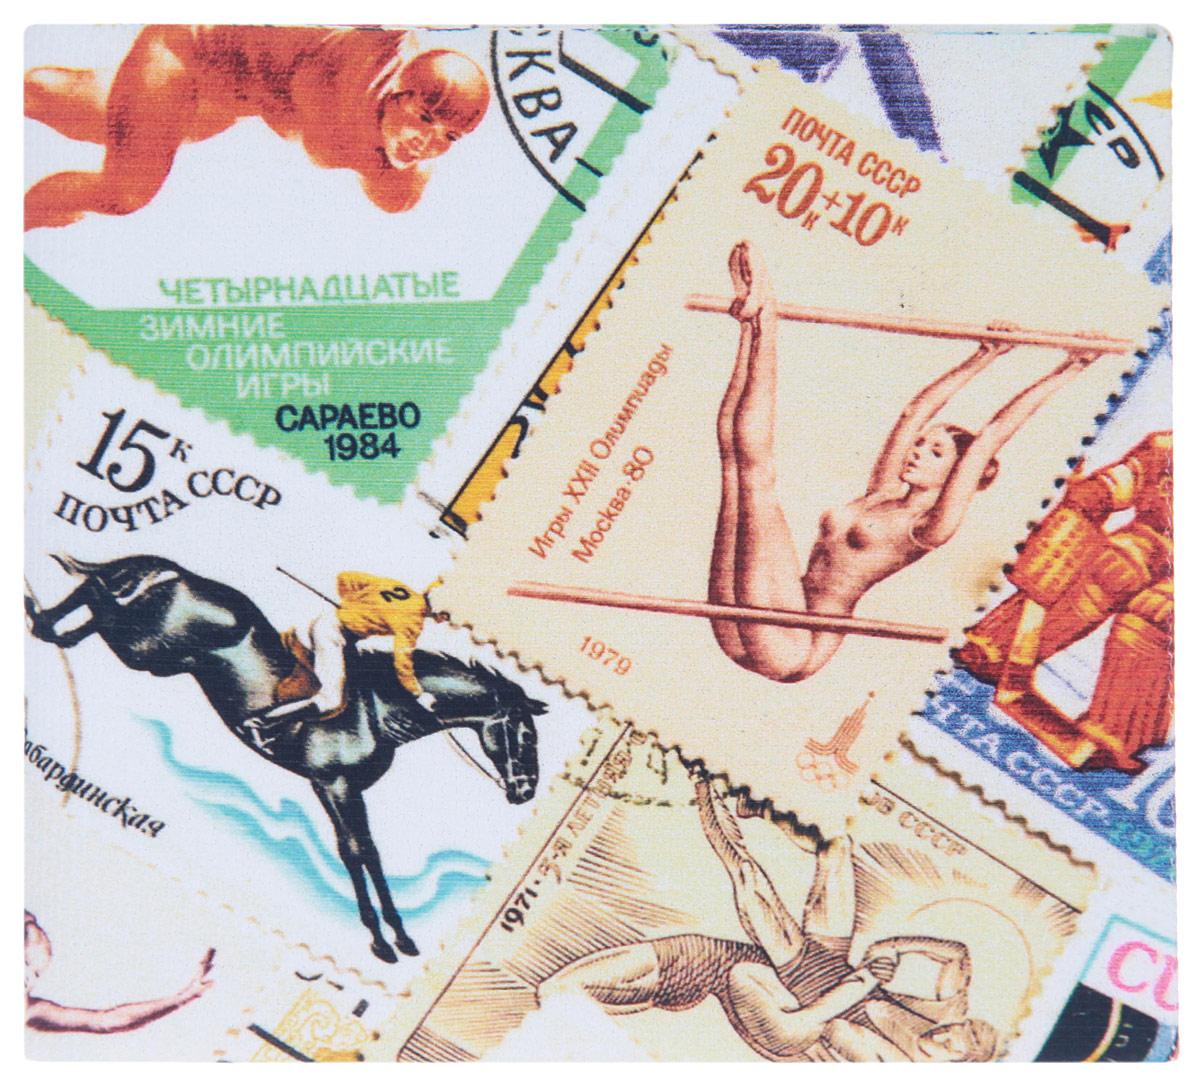 Кошелек Спорт (марки) 2. KZAM033KZAM033Авторский, неповторимый кошелек от Mitya Veselkov Спорт (марки) выполнен из синтетического материала и оформлен изображением марок на спортивную тематику. Кошелек раскладывается пополам и содержит отделение для купюр и два врезных кармана для кредитных карт или визиток. Стильный кошелек Mitya Veselkov Спорт (марки) станет отличным подарком для творческого человека.